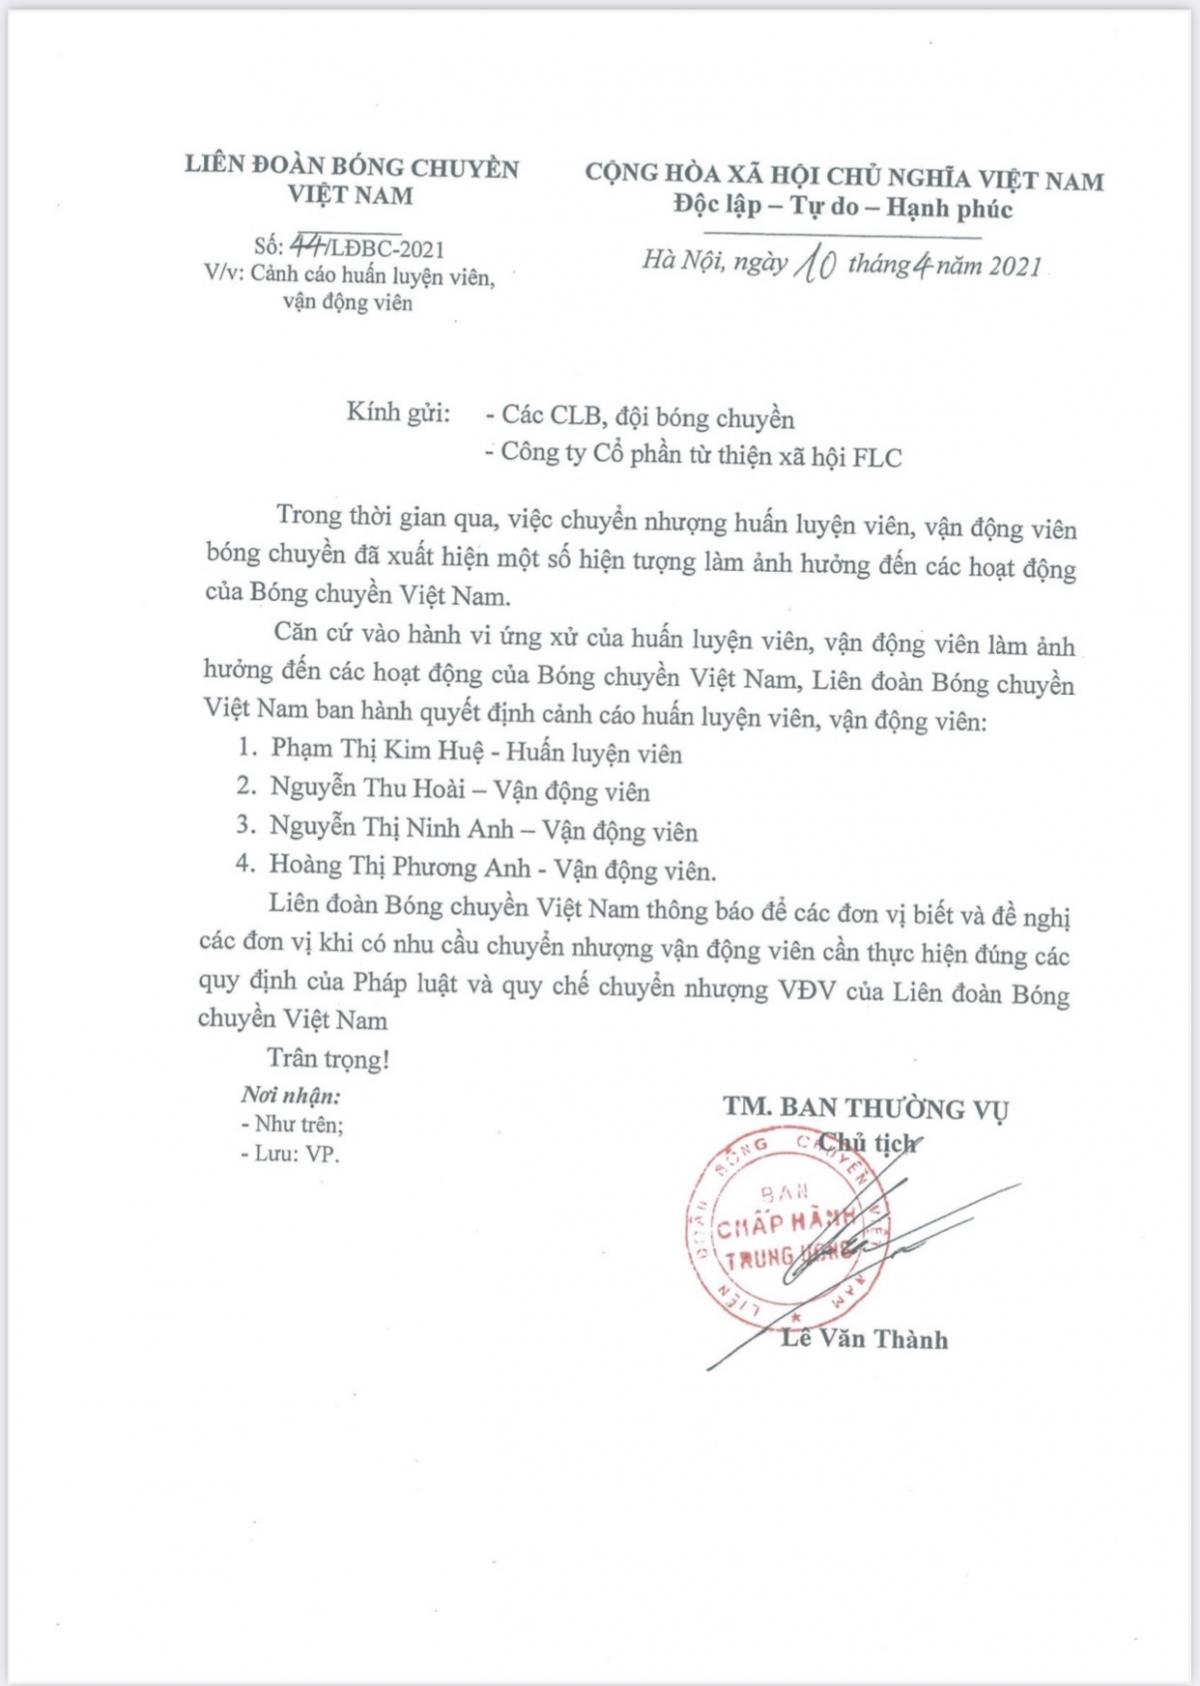 """Án phạt kỷ luật mà HLV Kim Huệ và 3 học trò ở CLB bóng chuyền Ngân hàng công thương """"bất ngờ"""" nhận từ Liên đoàn."""